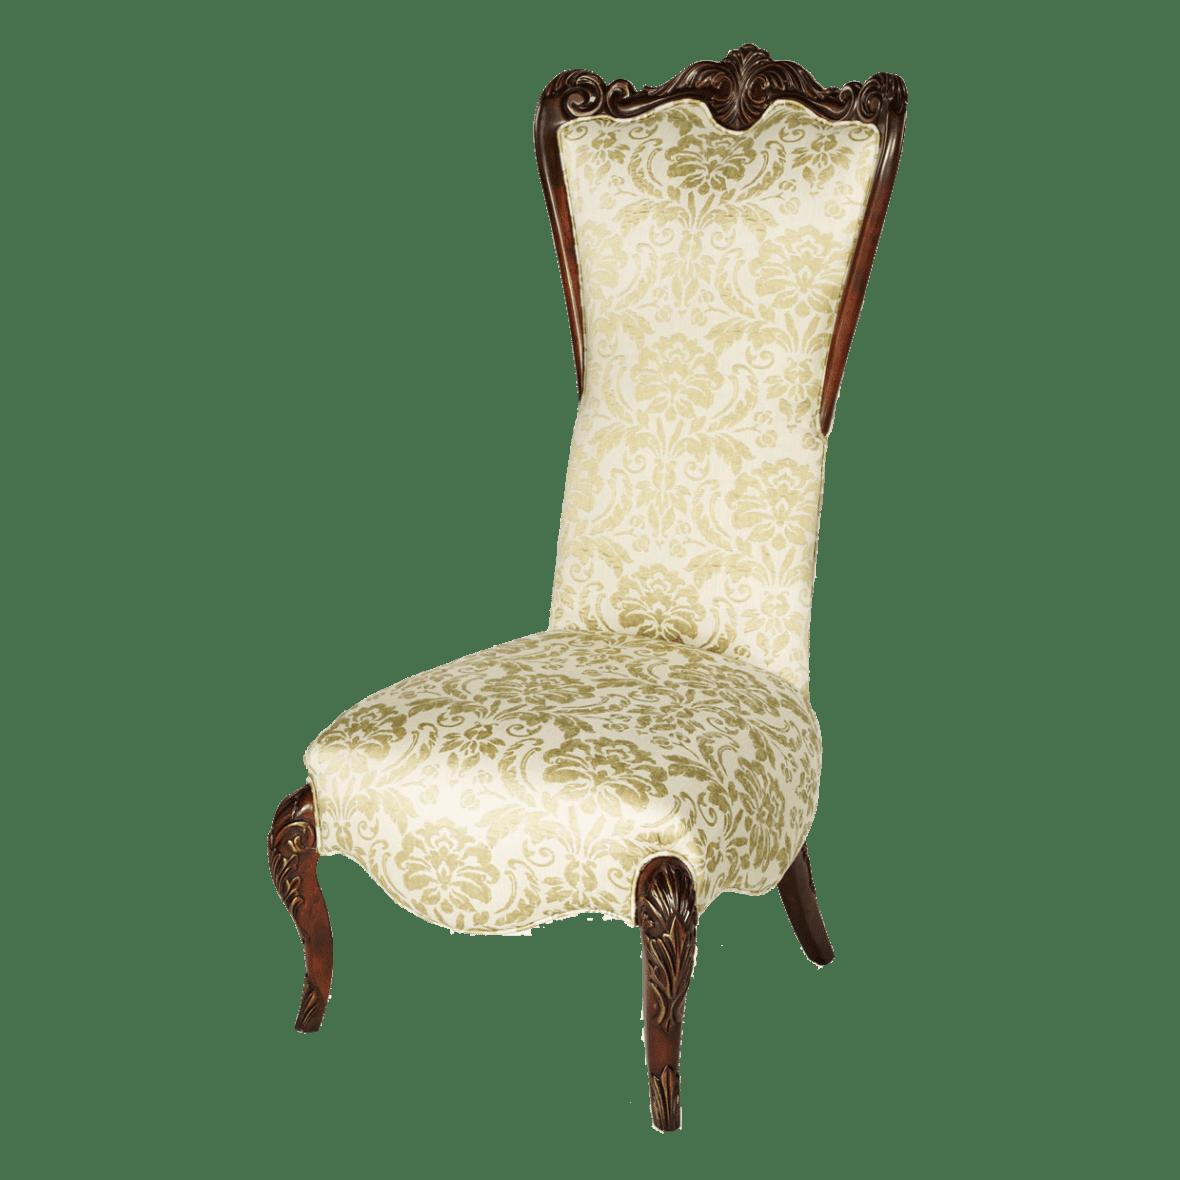 Кресло акцентное с высокой спинкой, Champagne